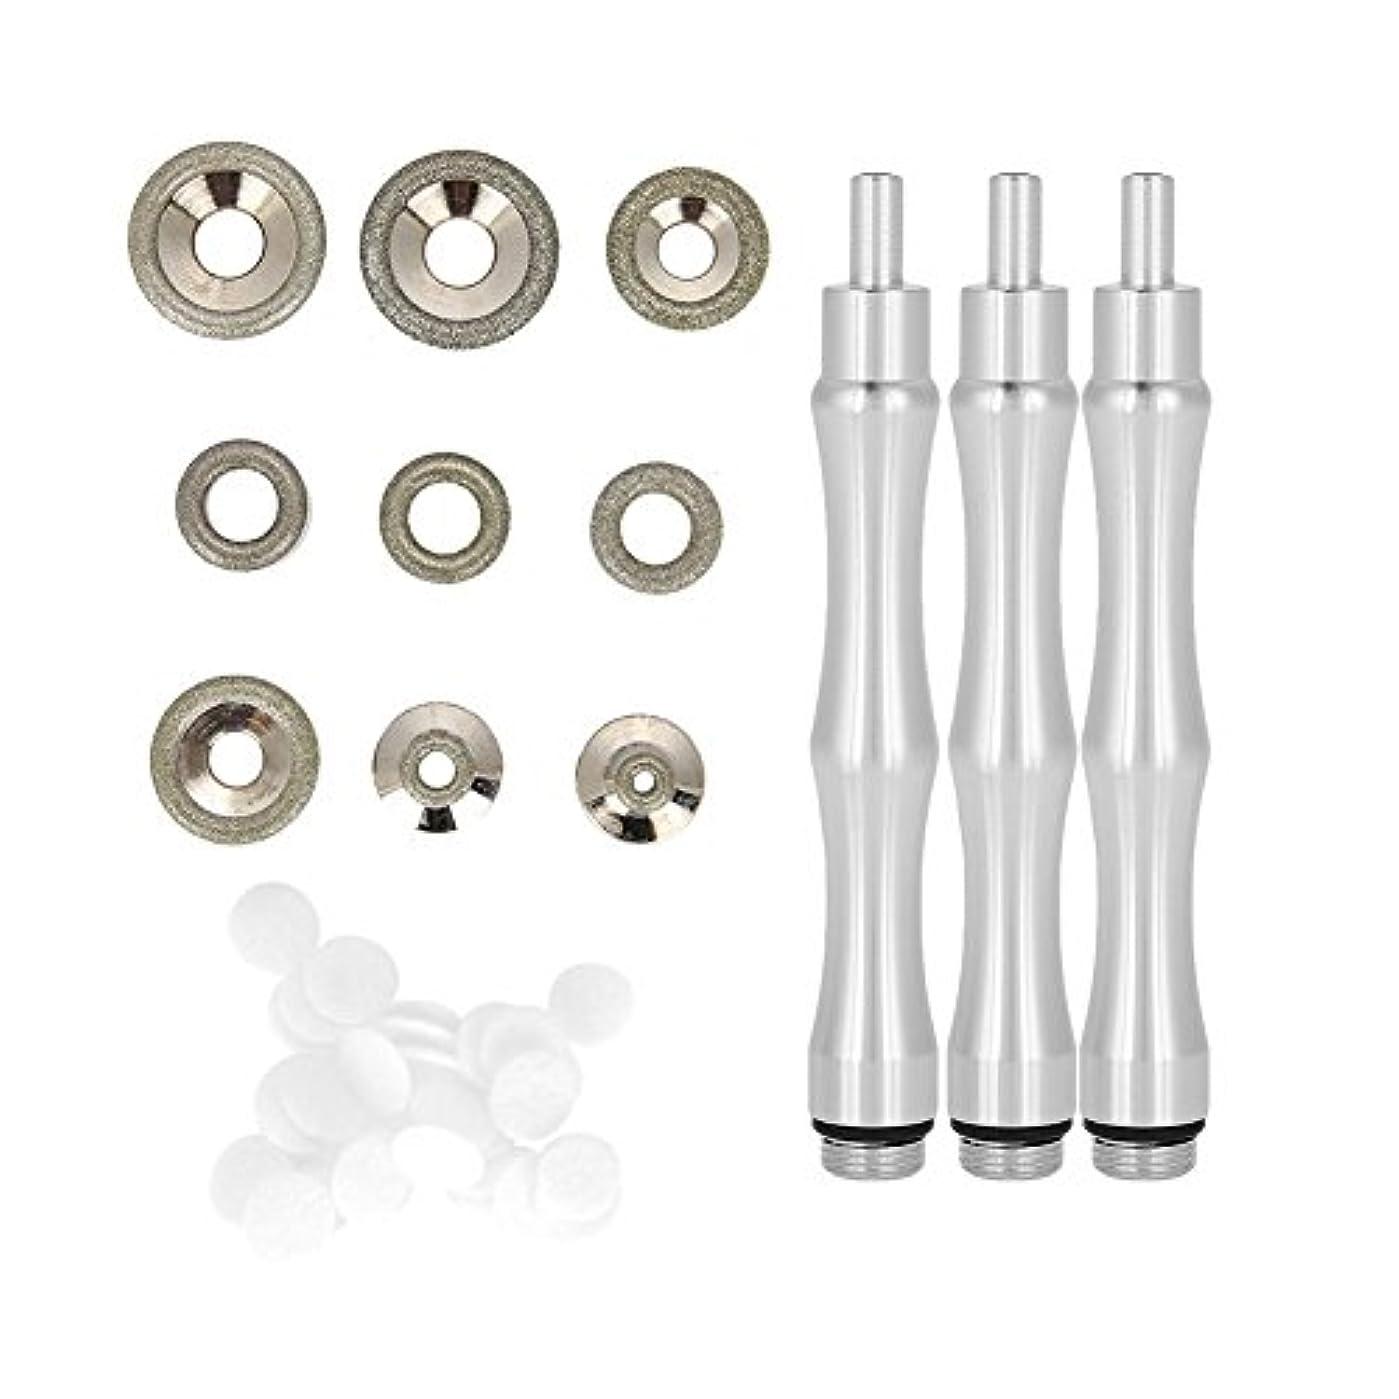 背骨精緻化クレジットダイヤモンドマイクロダーマブレーションヒント 、交換用、ハンドル付き、ステンレススチール製フィルターセット